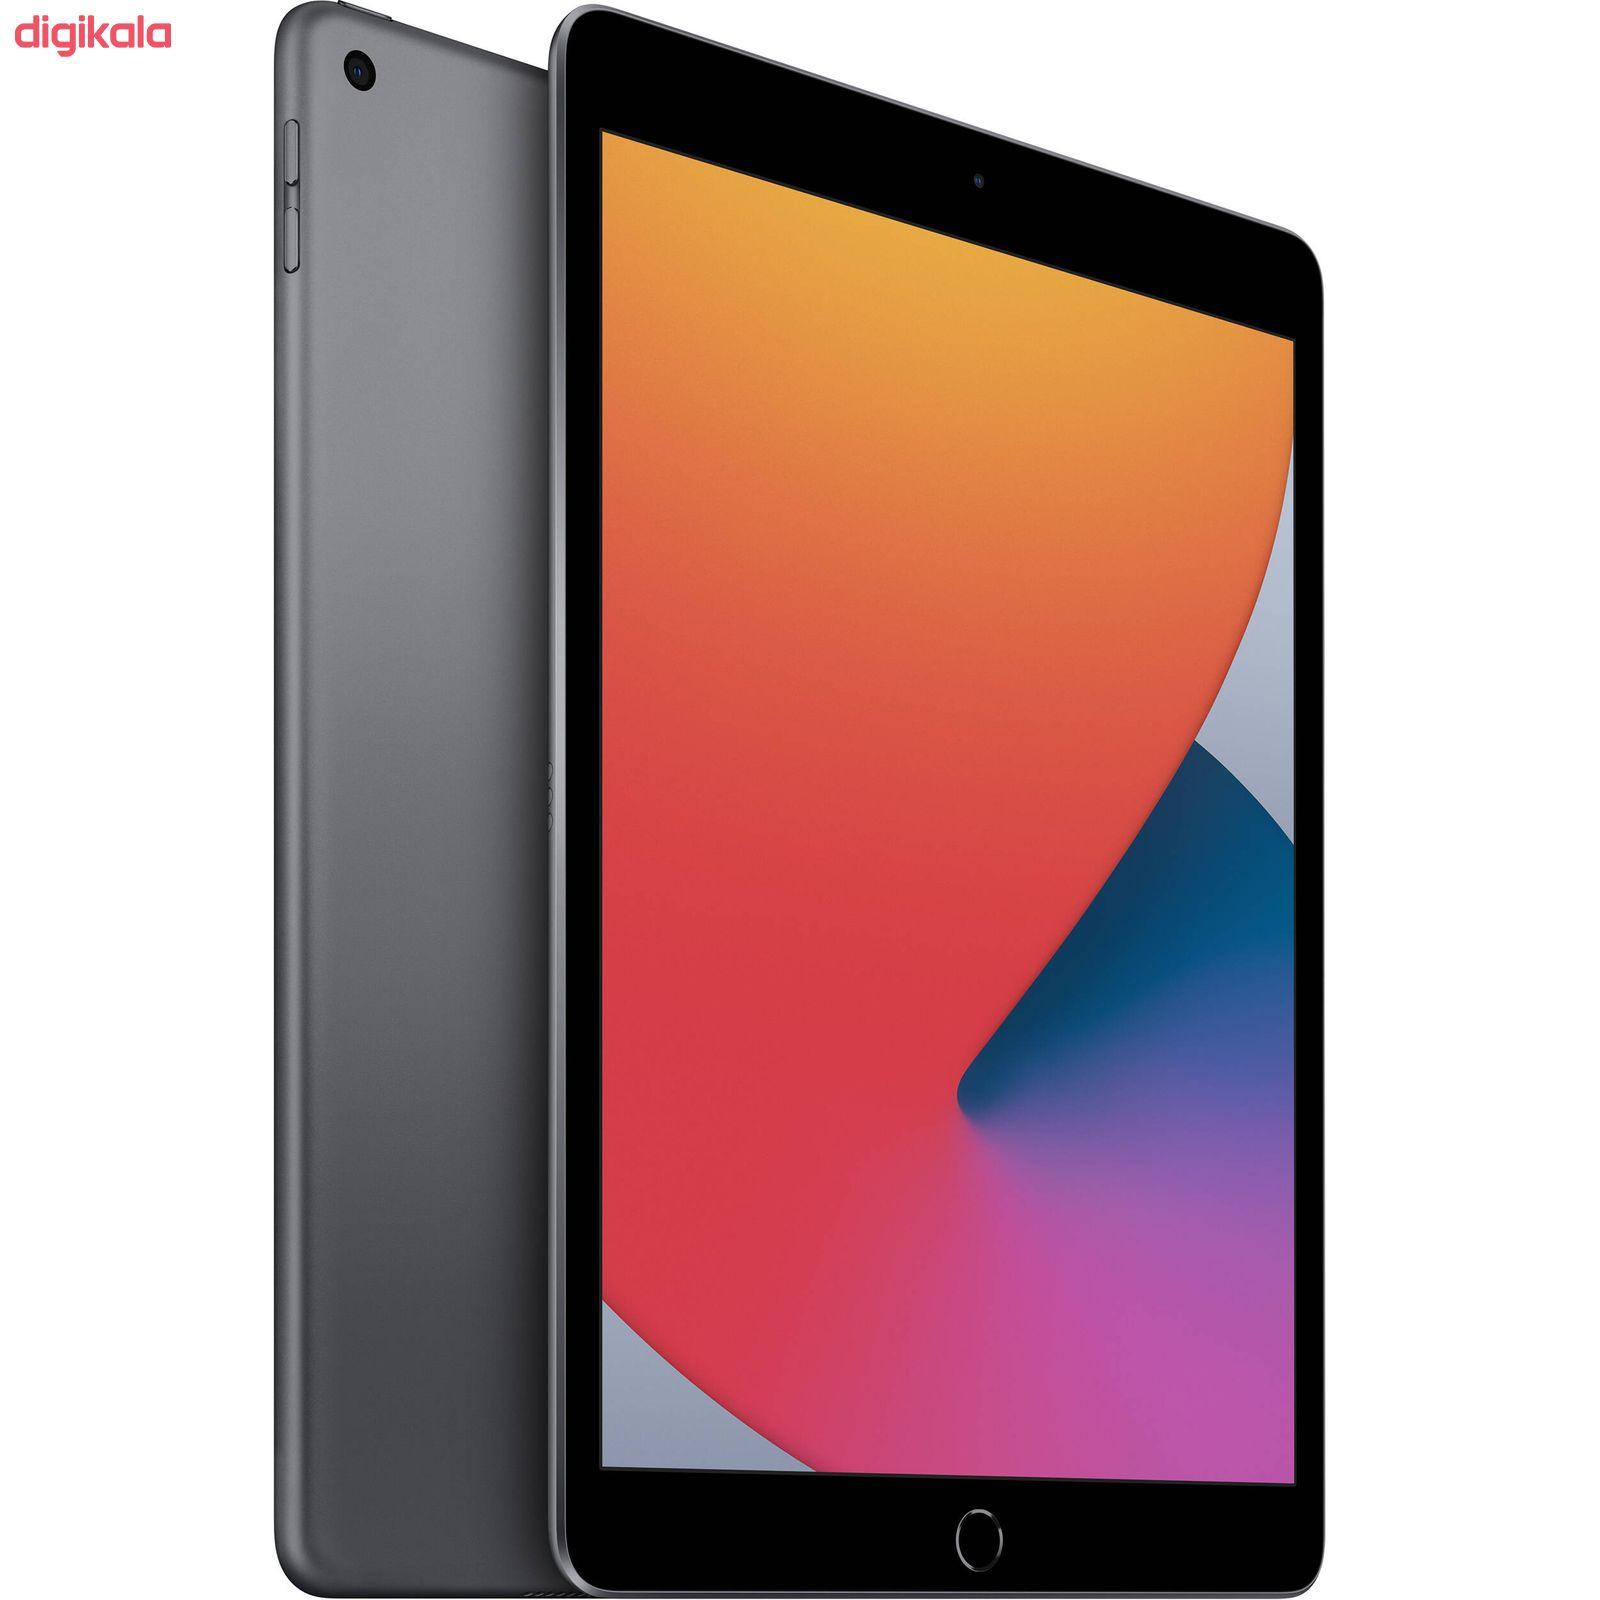 تبلت اپل مدل iPad 10.2 inch 2020 WiFi ظرفیت 128 گیگابایت  main 1 1